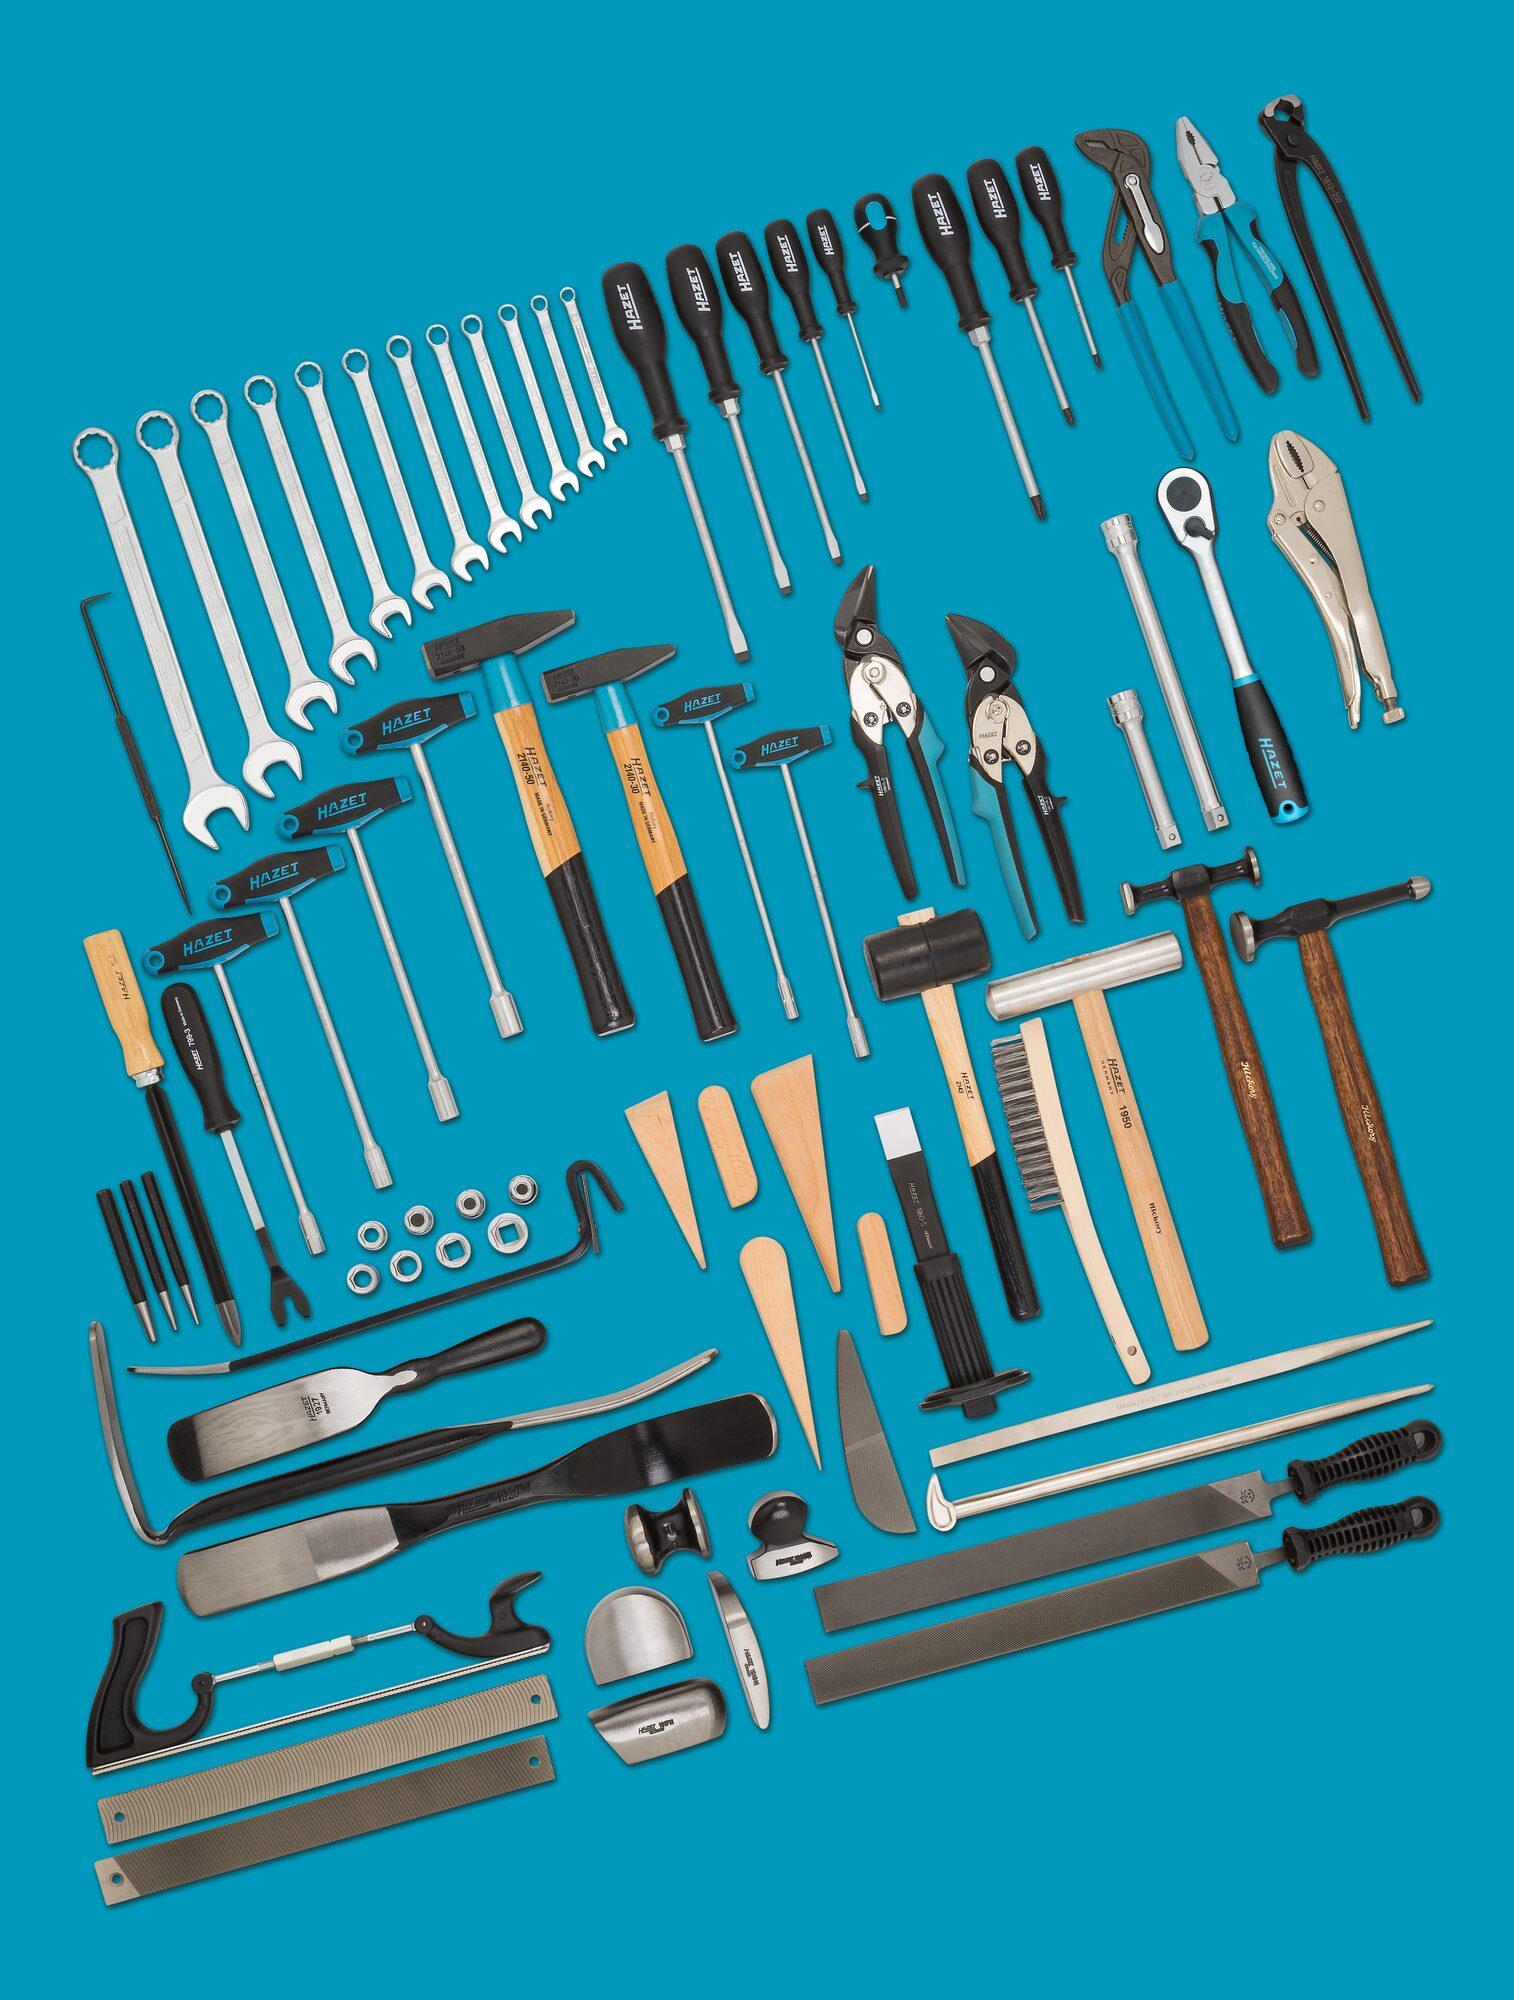 HAZET Werkzeug Sortiment 0-1900/77 ∙ Anzahl Werkzeuge: 77